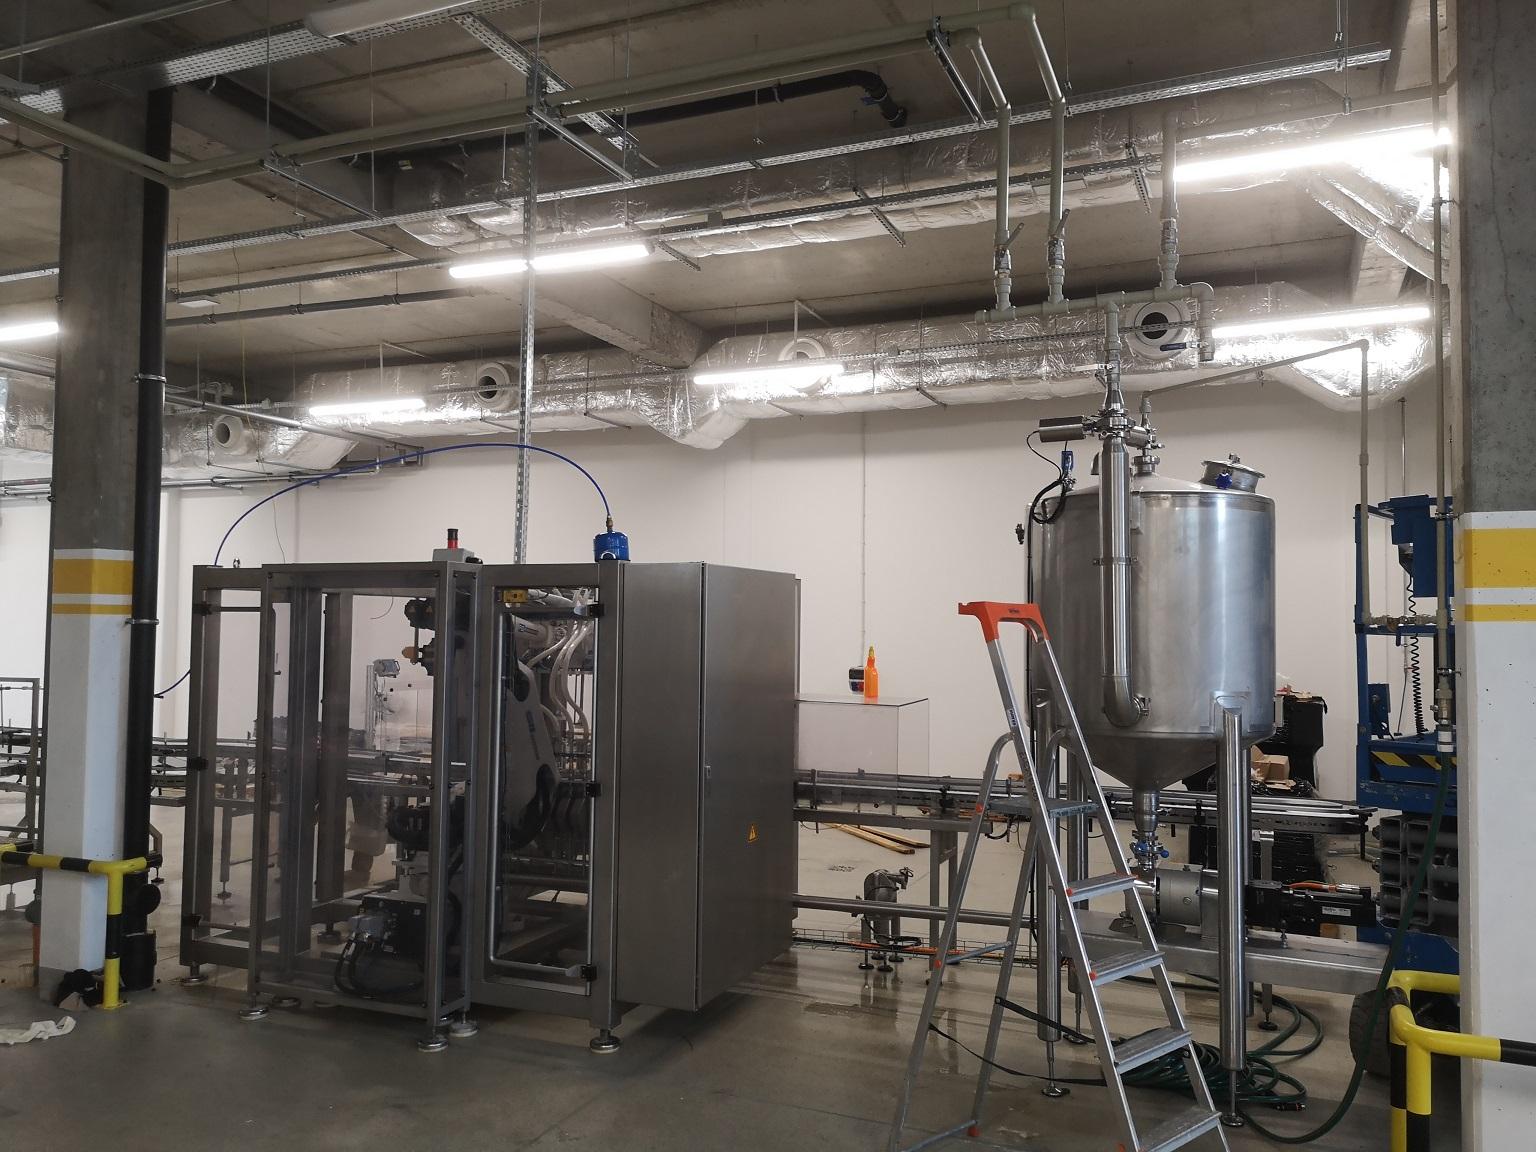 kompleksowe-ustawienie-nowej-lini-produkcyjnej-wraz-z-podlaczeniem-rurociagow-technologicznczych-w-przemysle-chemicznym